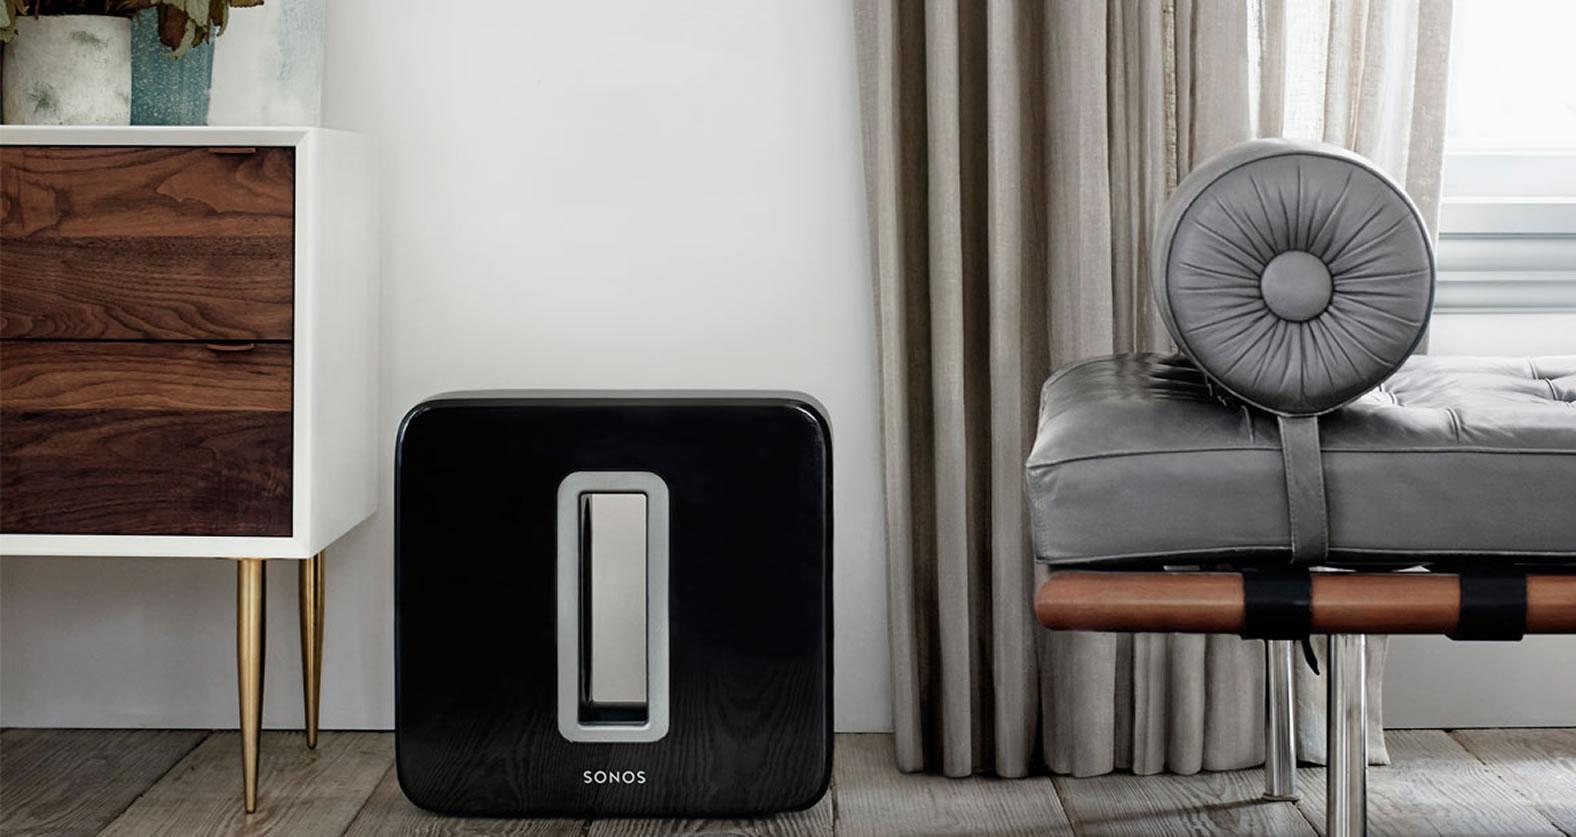 Eleganz trifft Qualität. Sonos erhältlich bei USL Veranstgaltungstechnik